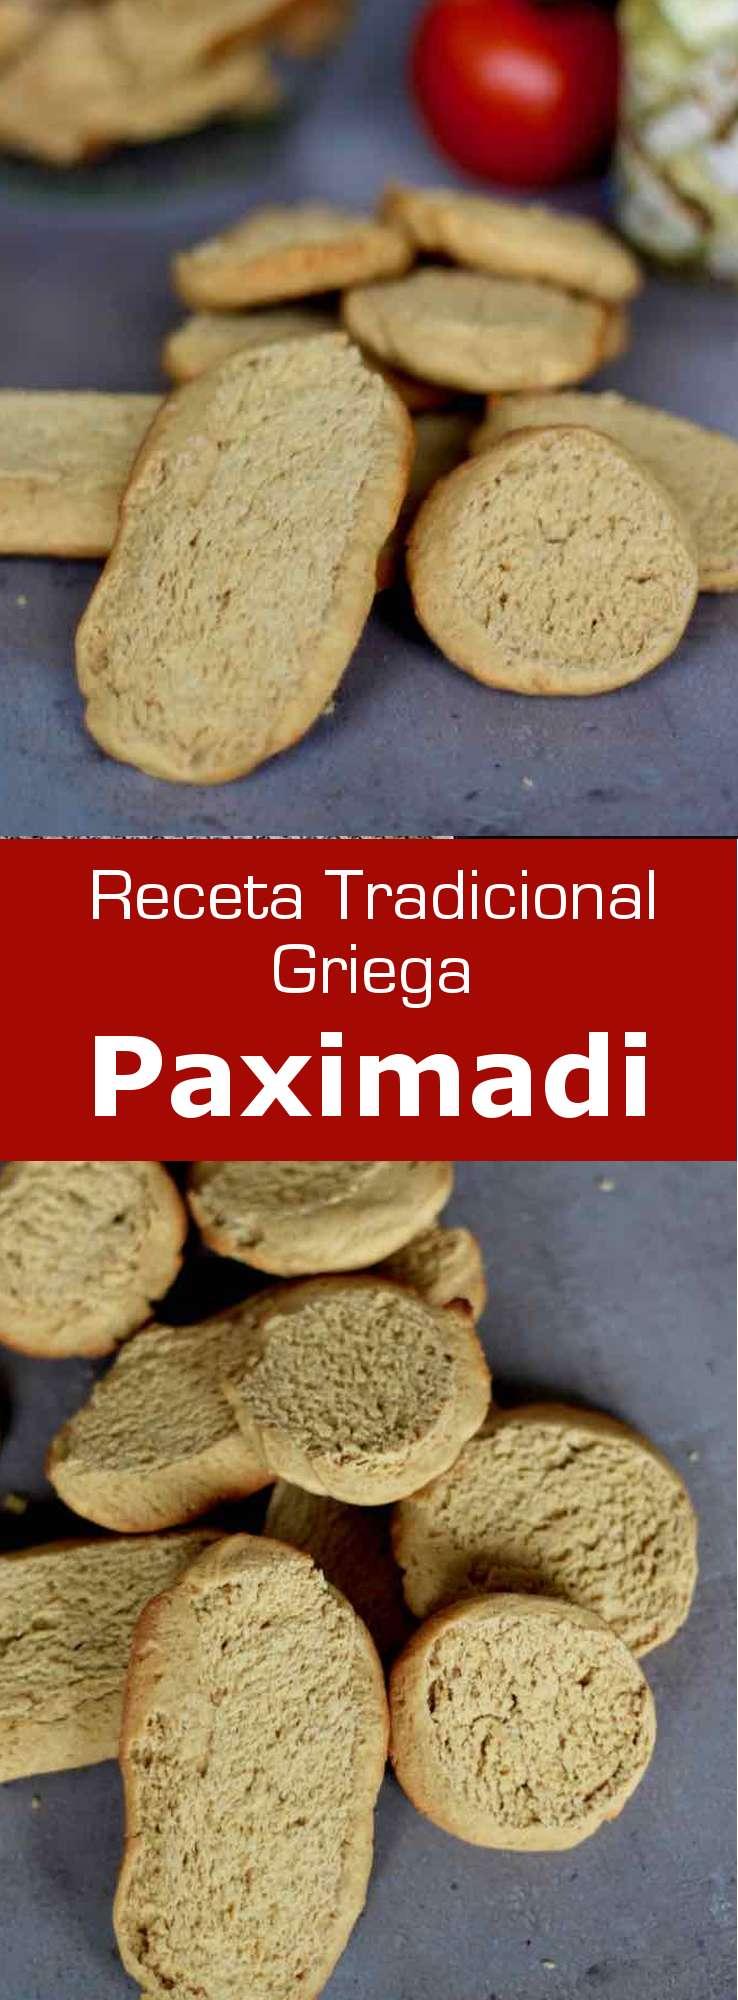 El paximadi es un delicioso y nutritivo pan que se hornea dos veces, originario de Creta, y que se prepara con harina de cebada descascarillada.